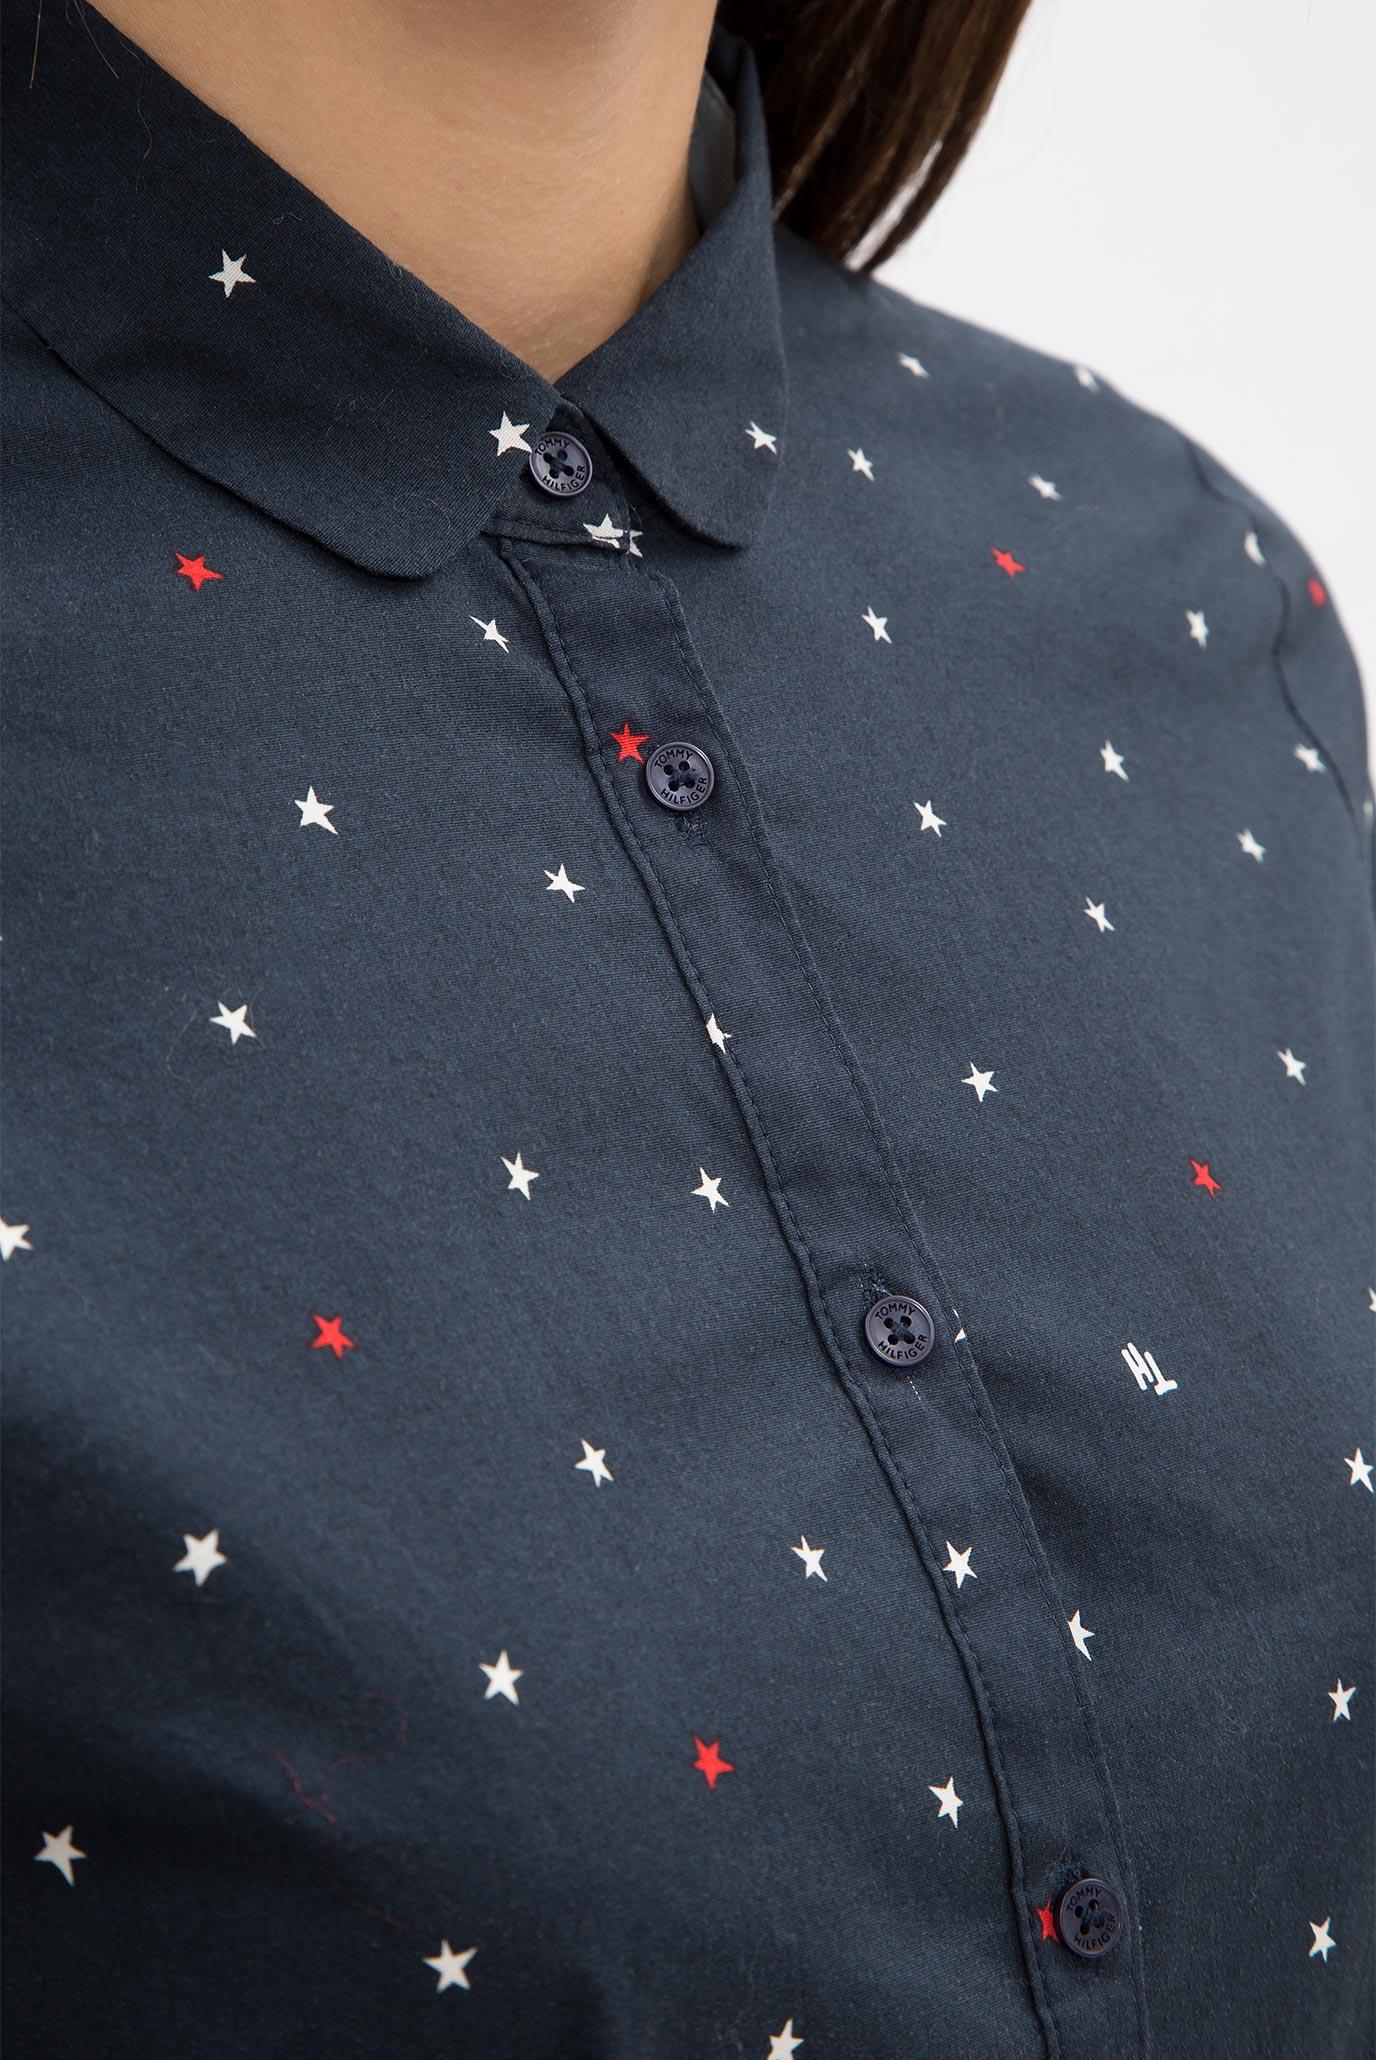 Купить Женская темно-синяя рубашка с принтом Tommy Hilfiger Tommy Hilfiger WW0WW17755 – Киев, Украина. Цены в интернет магазине MD Fashion